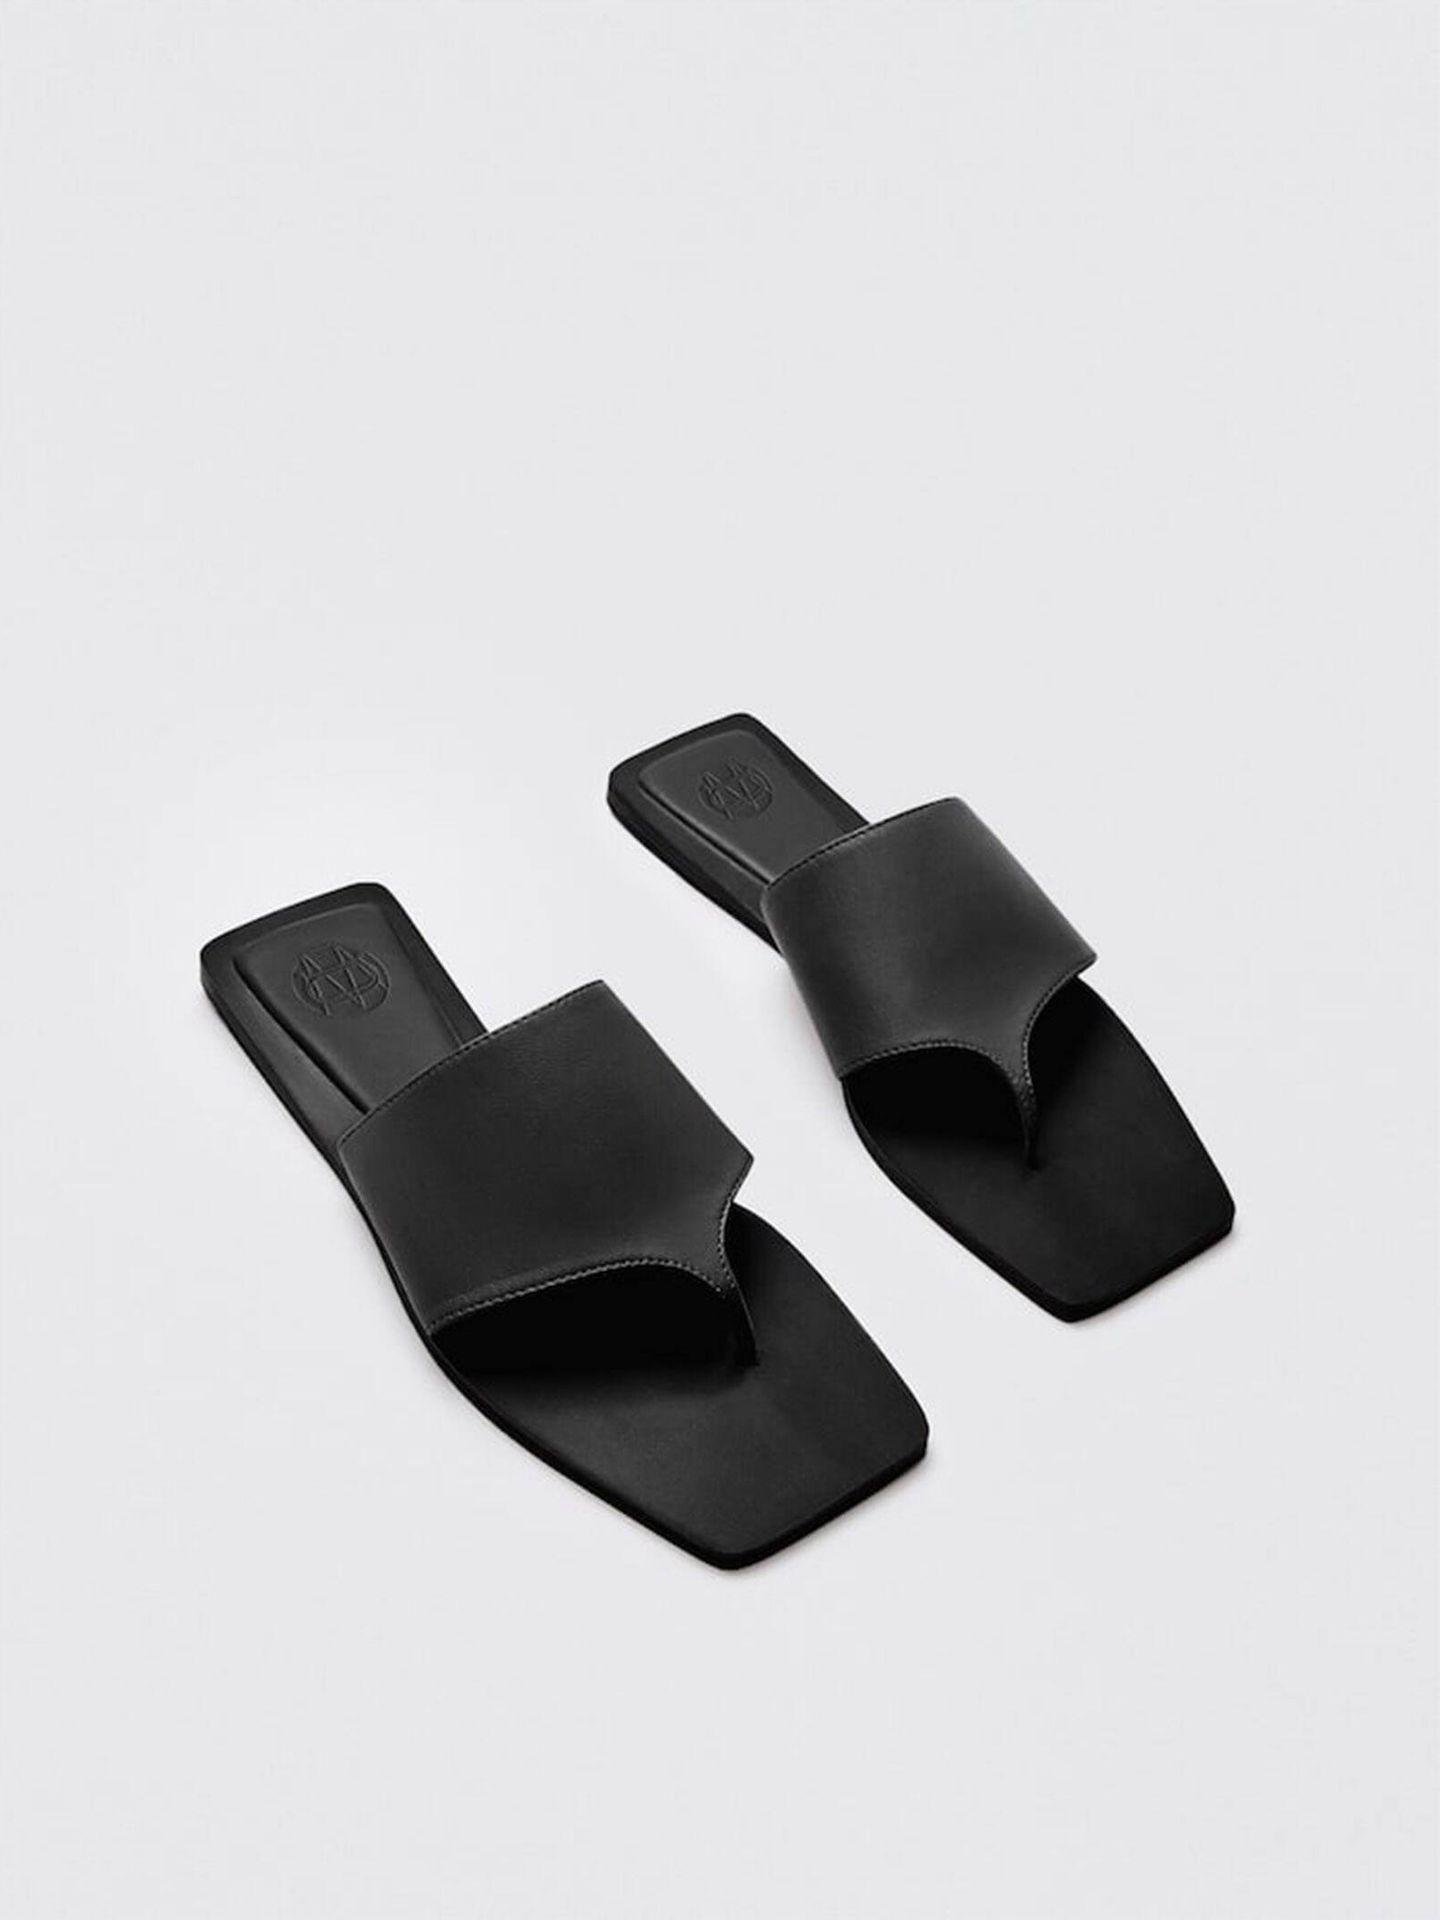 Sandalias de las rebajas de Massimo Dutti. (Cortesía)